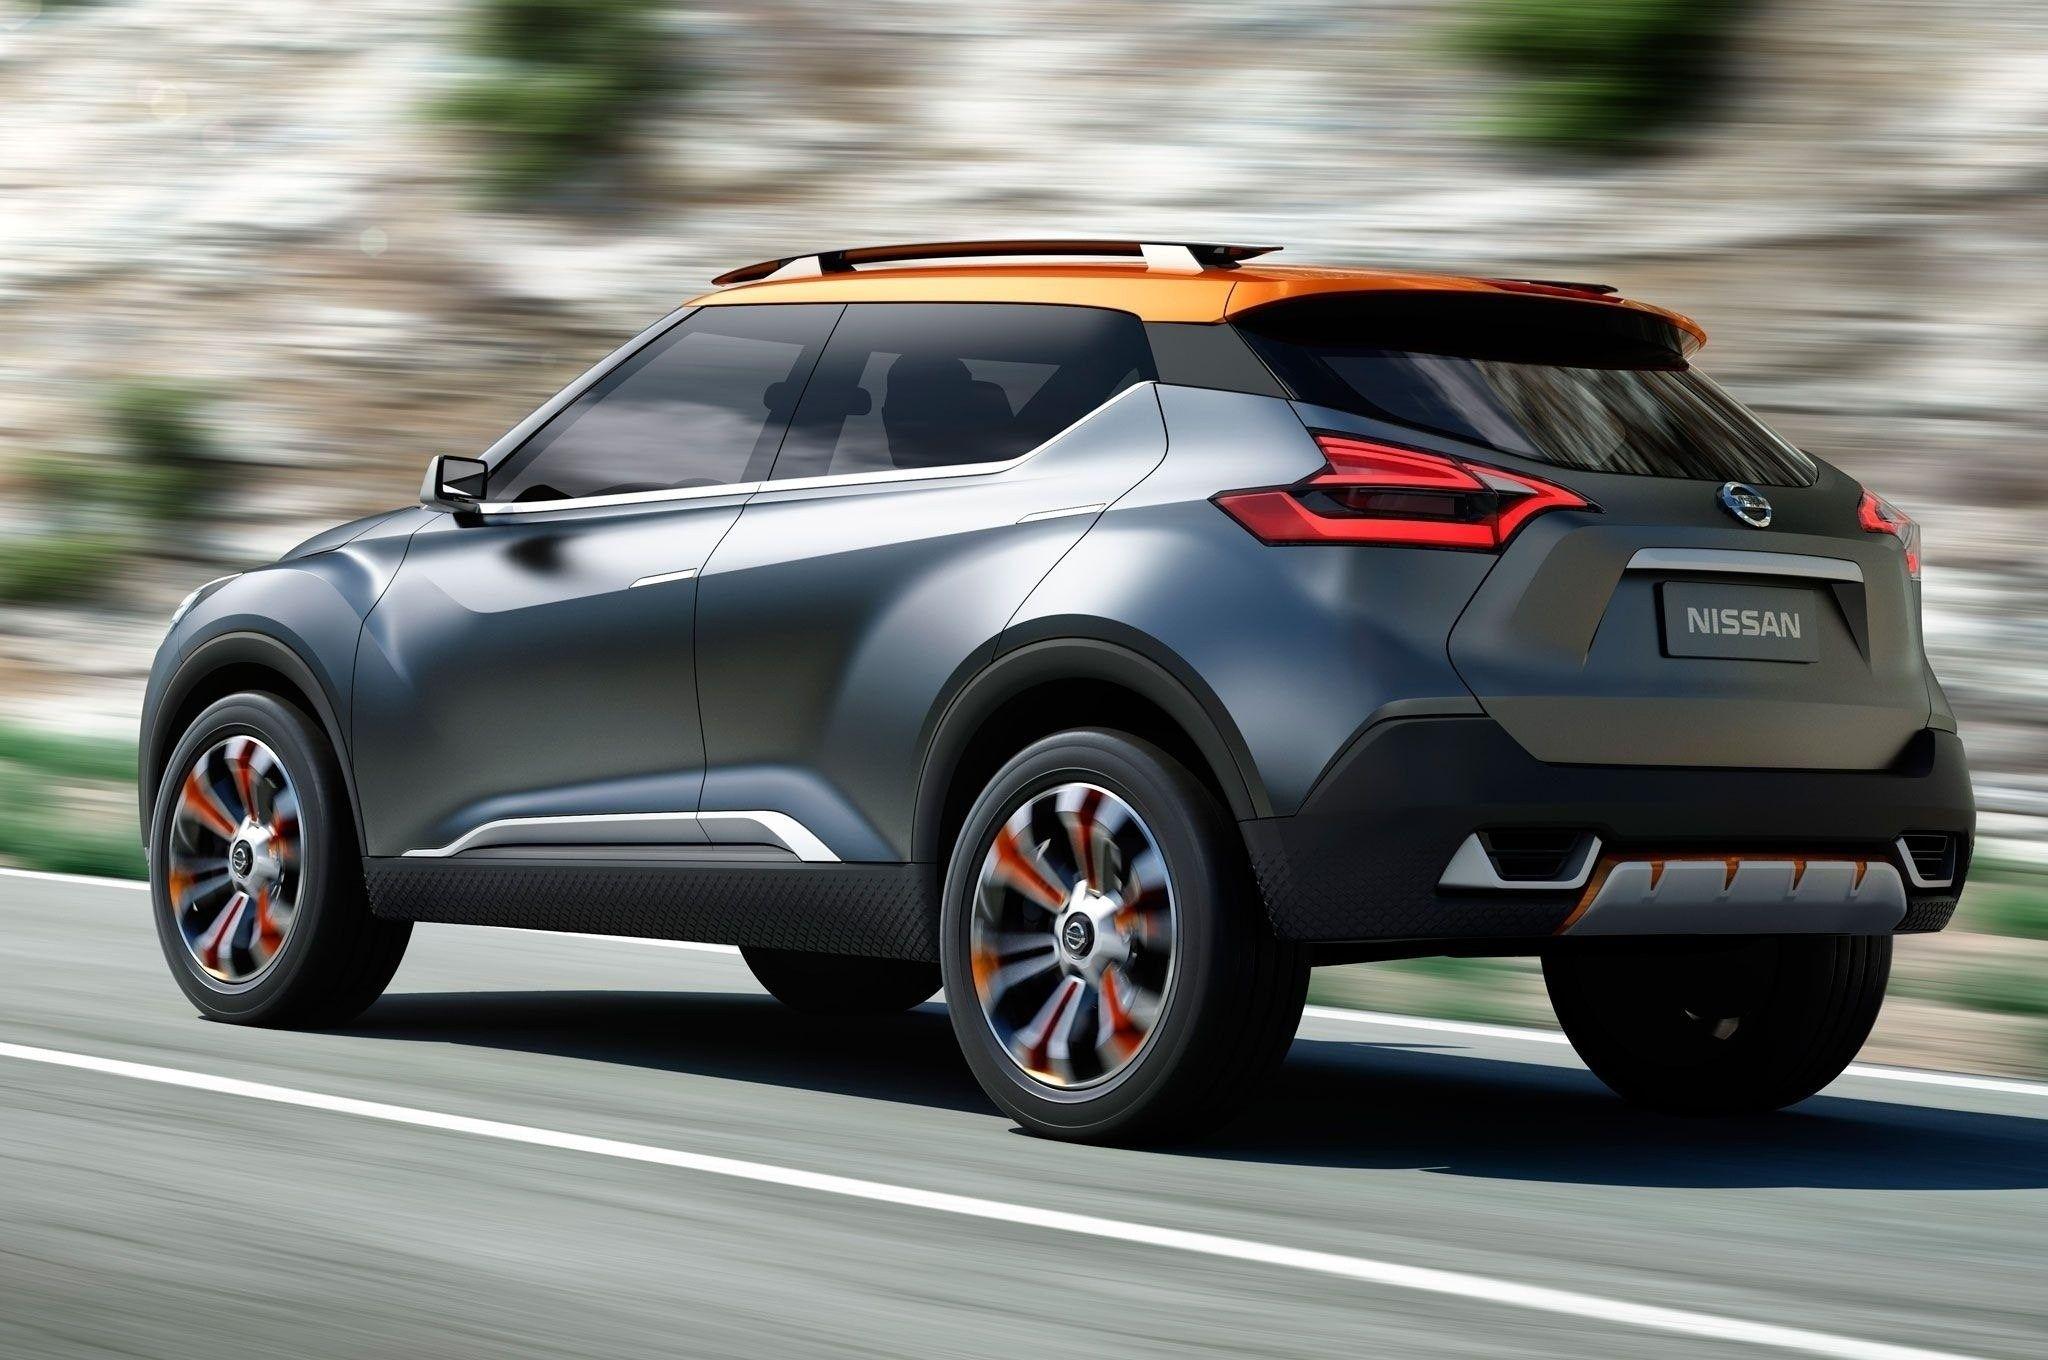 News On Nissan Kicks 2020 Interiorlazysundaymag Lazysundaymag Nissan Juke Subcompact Suv Subcompact